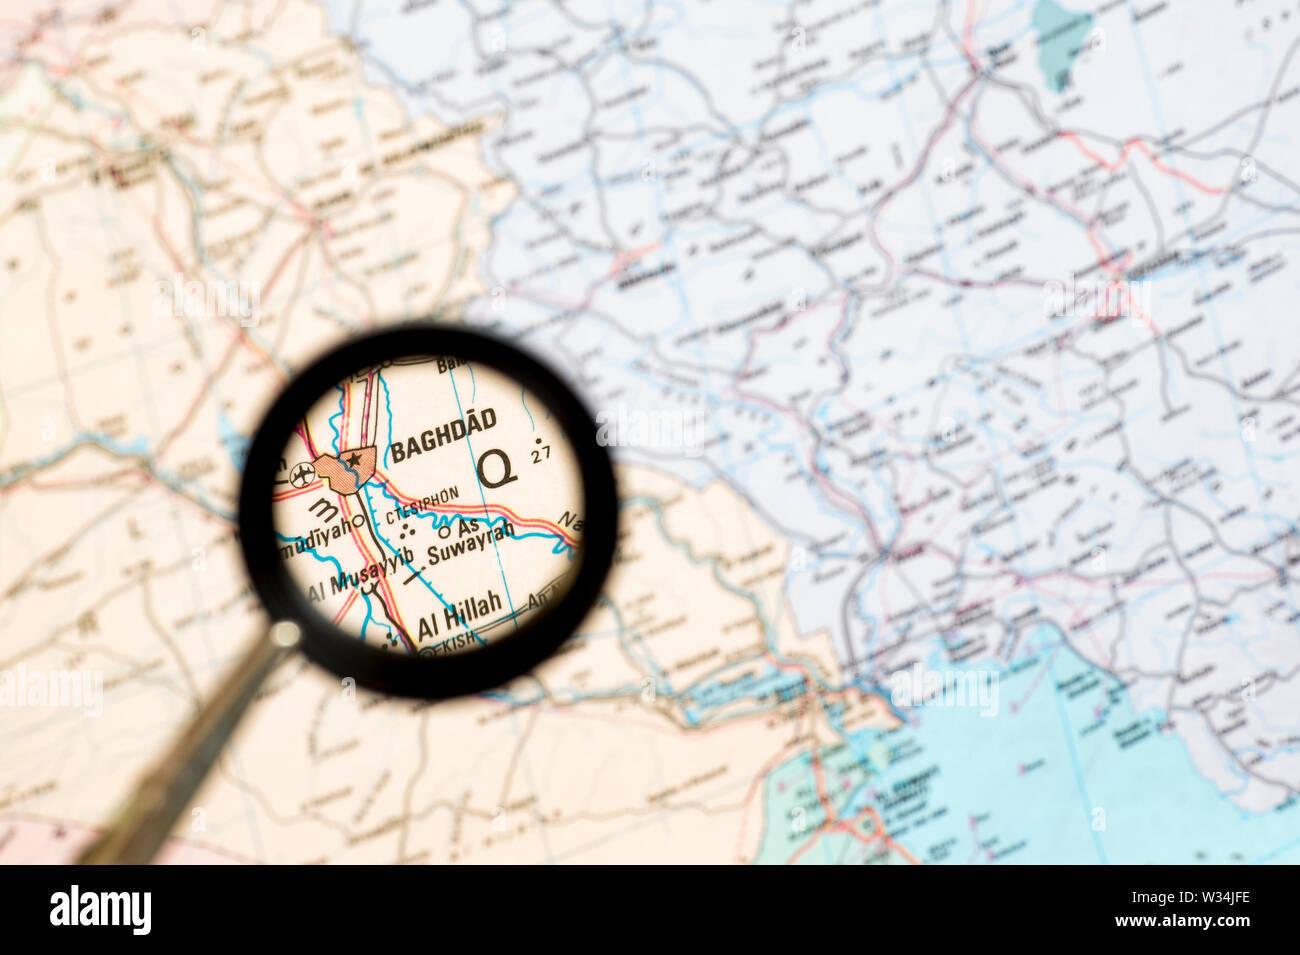 Landkarte mit der Erhöhung der irakischen Hauptstadt Bagdad. Das Konzept der Bildschirmschoner Übersicht. Serie. Stockbild